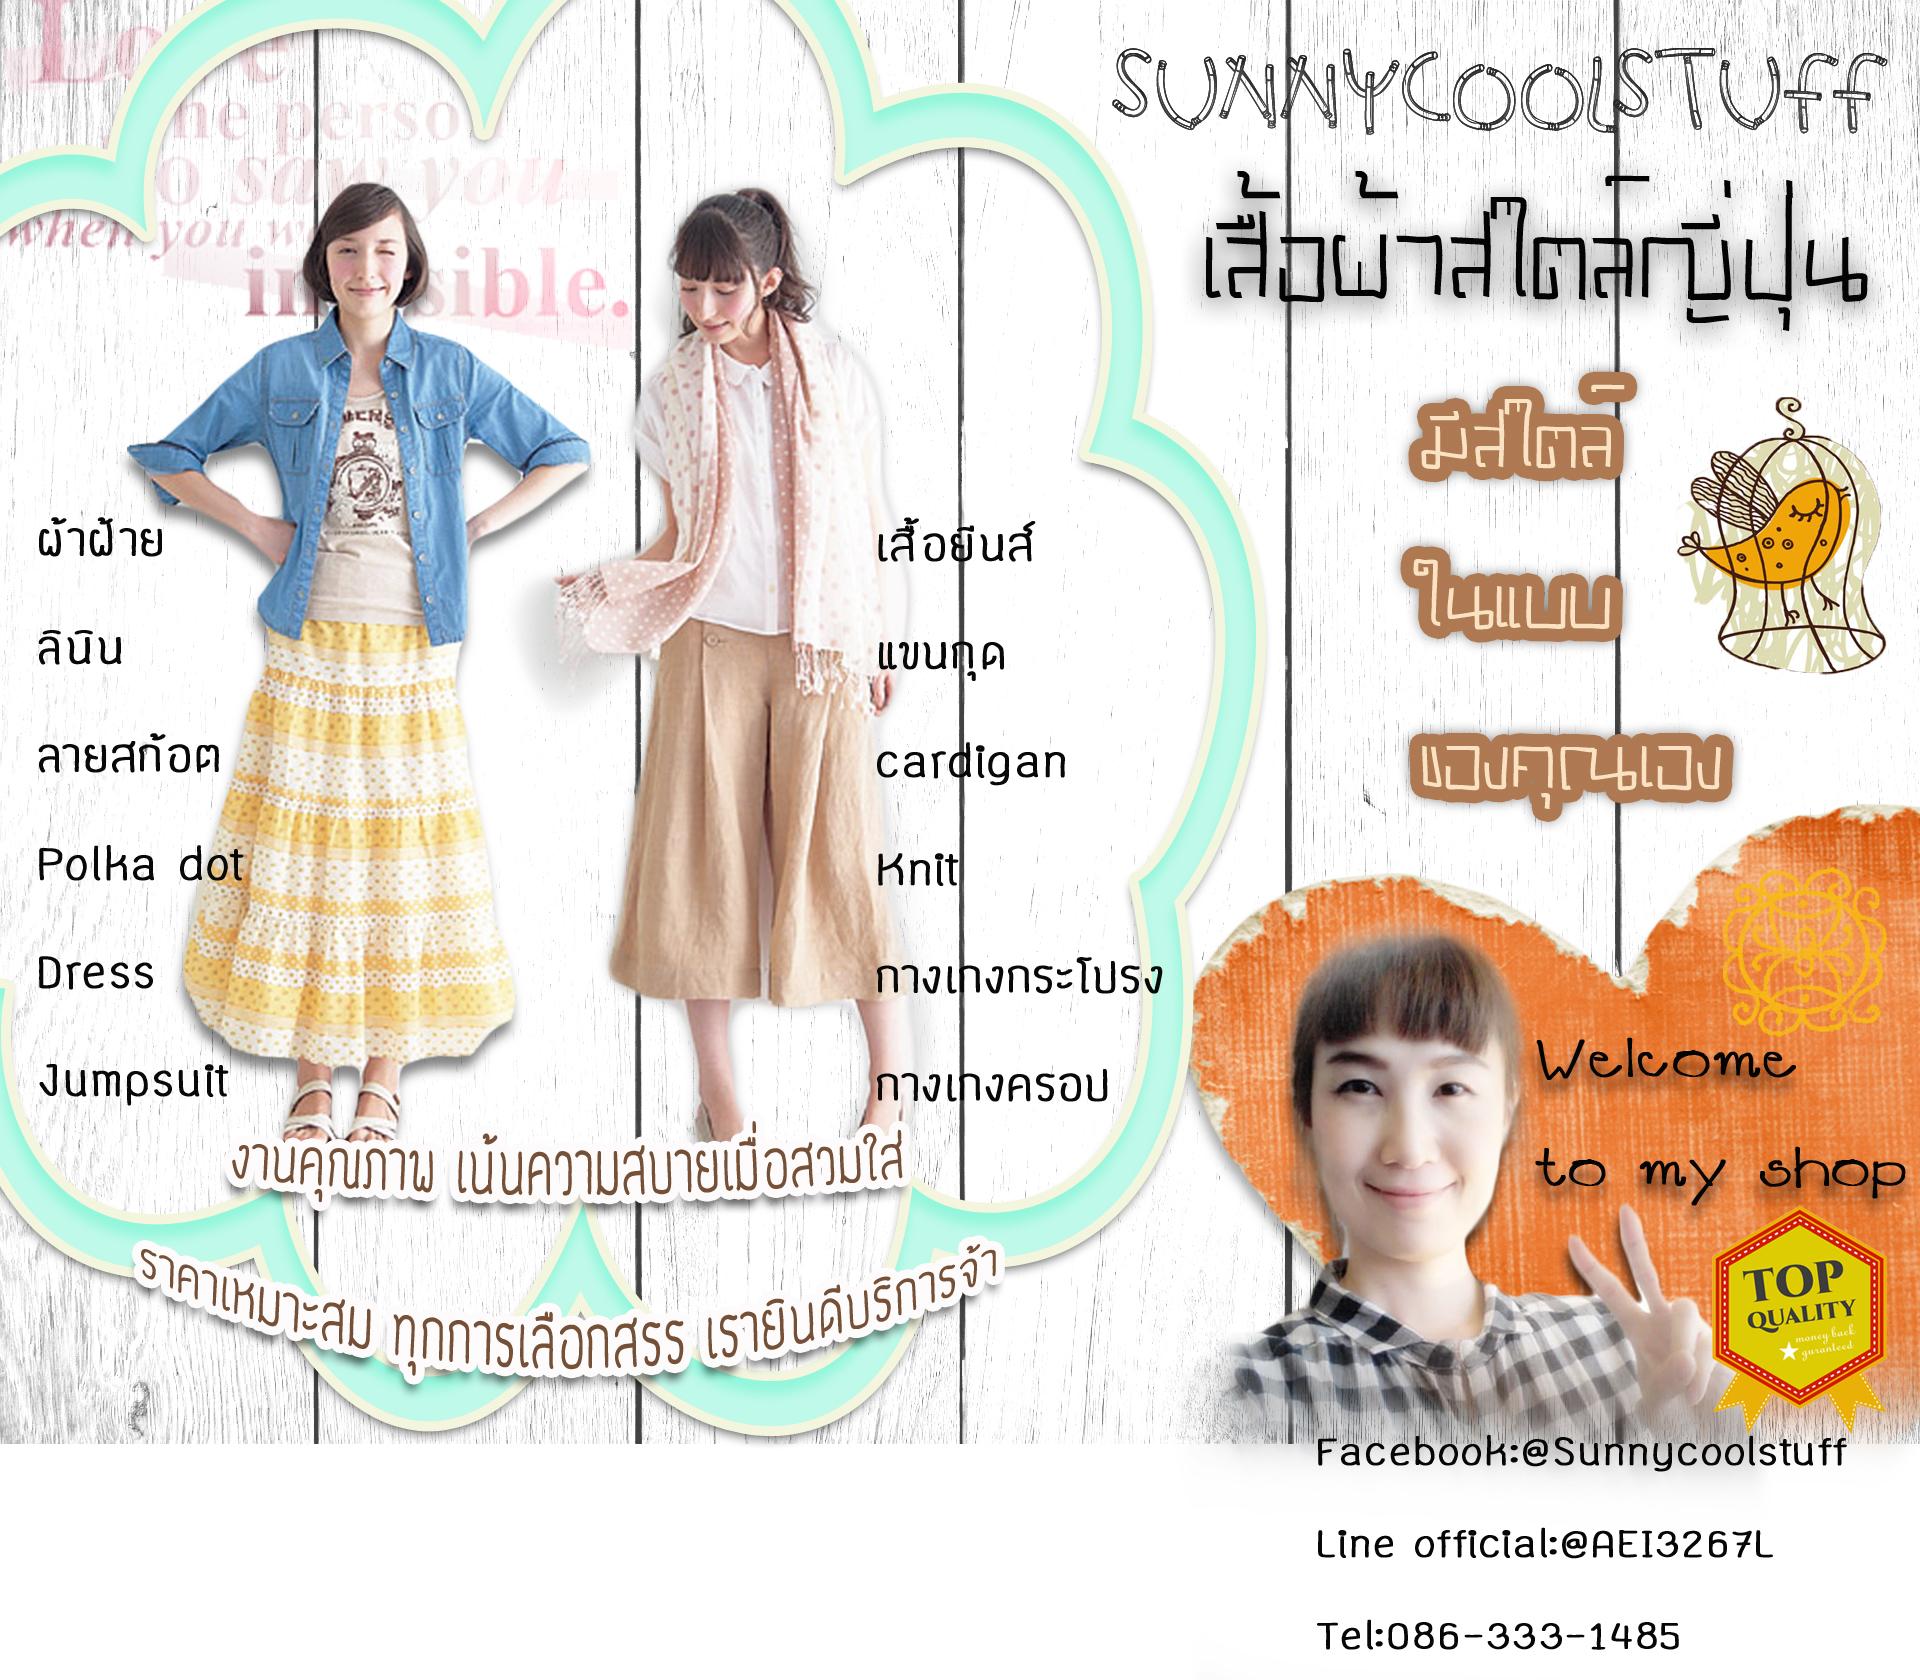 Sunnycoolstuff